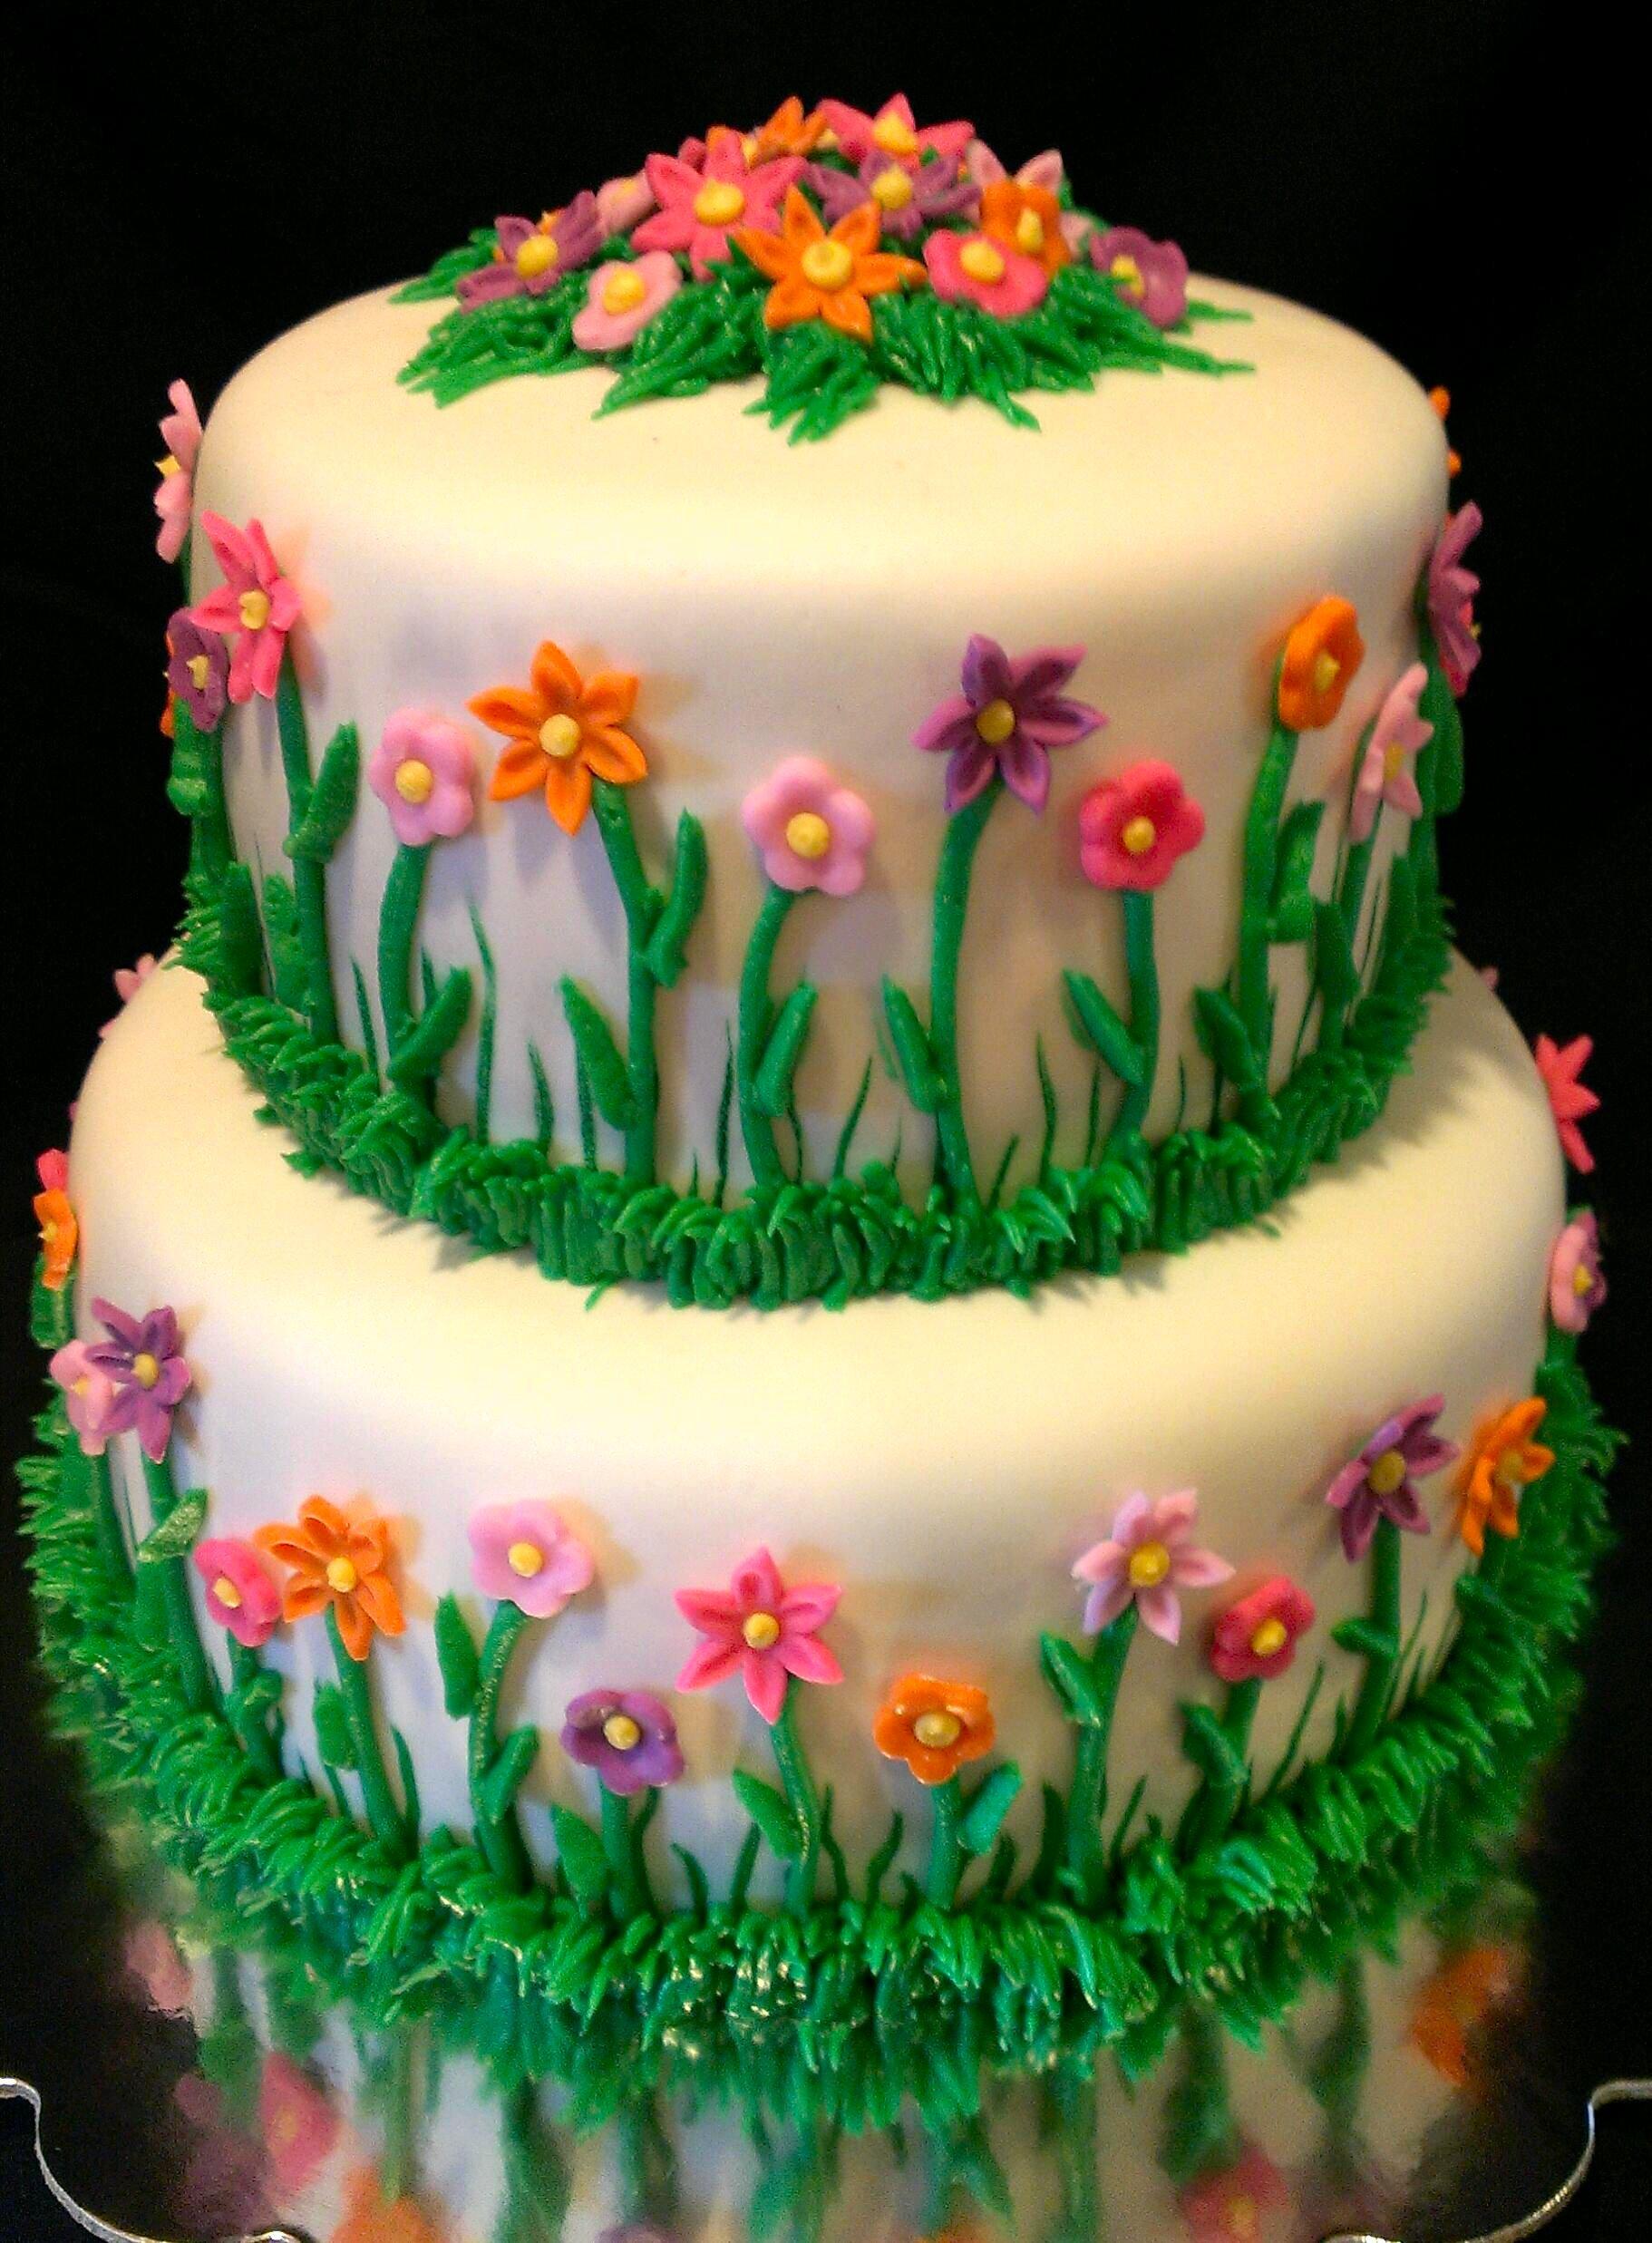 Garden Cake Ideas Flower garden birthday cake ideas best cake 2017 13 flower garden shaped birthday cakes photo workwithnaturefo